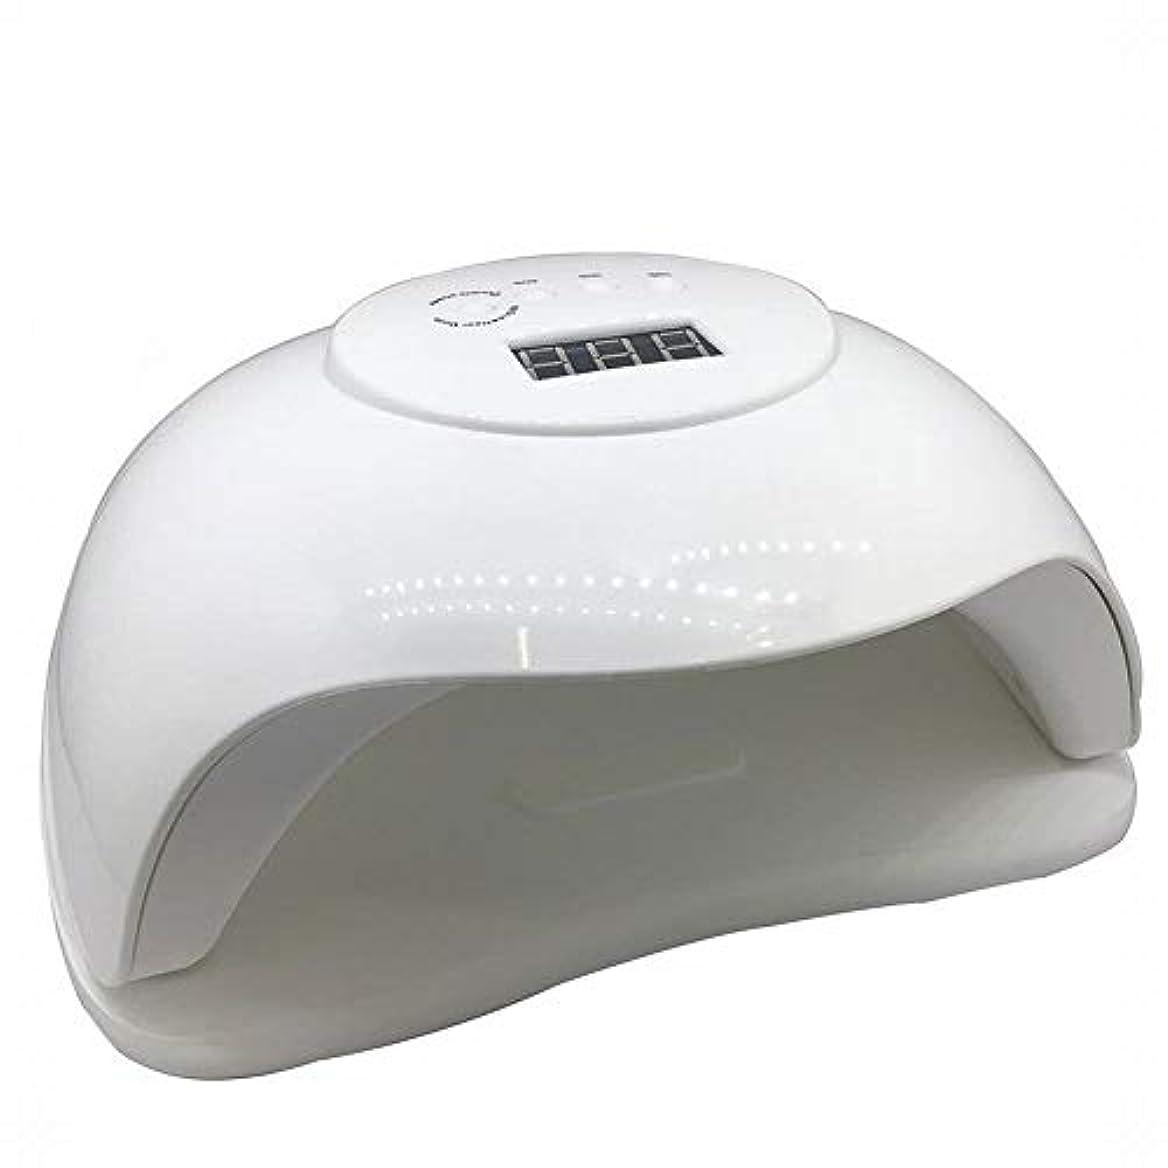 普遍的なエンターテインメント再びYESONEEP ネイルランプ72ワットネイル機10 S光線療法ランプ充電ネイル光線療法機ledネイルツールドライヤー (Size : 72W)